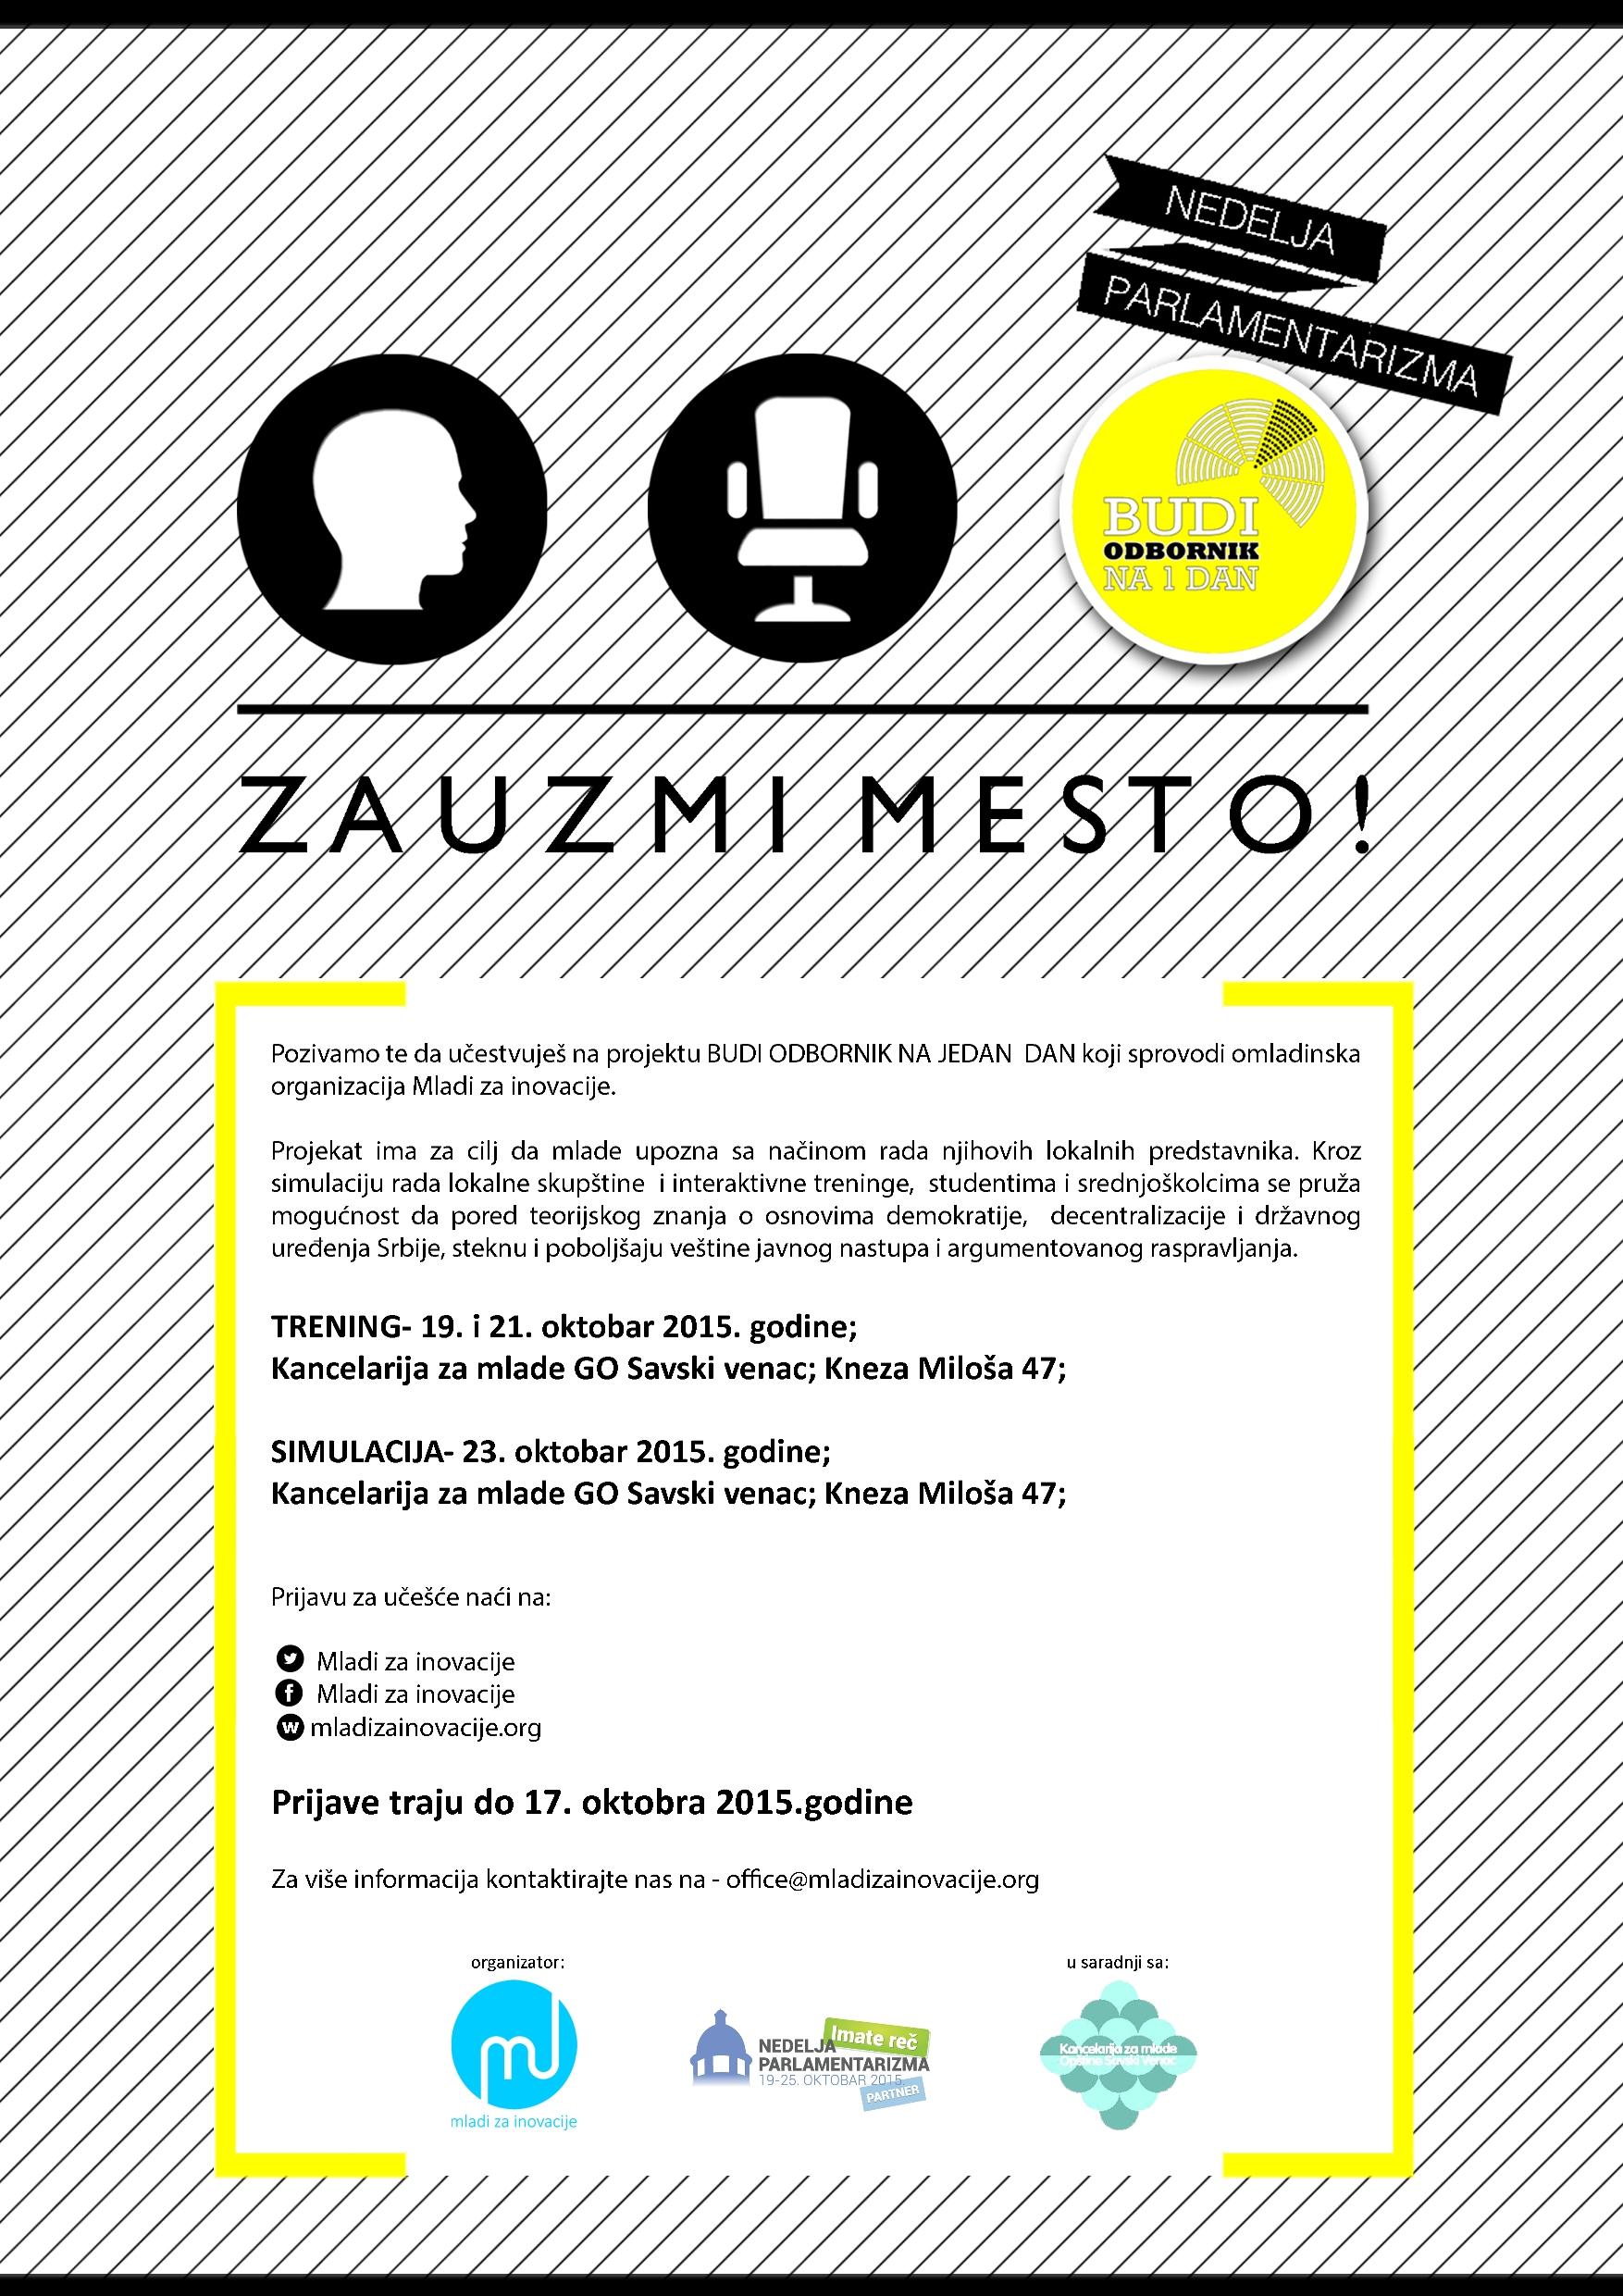 Plakat za Budi odbornik Savski Venac